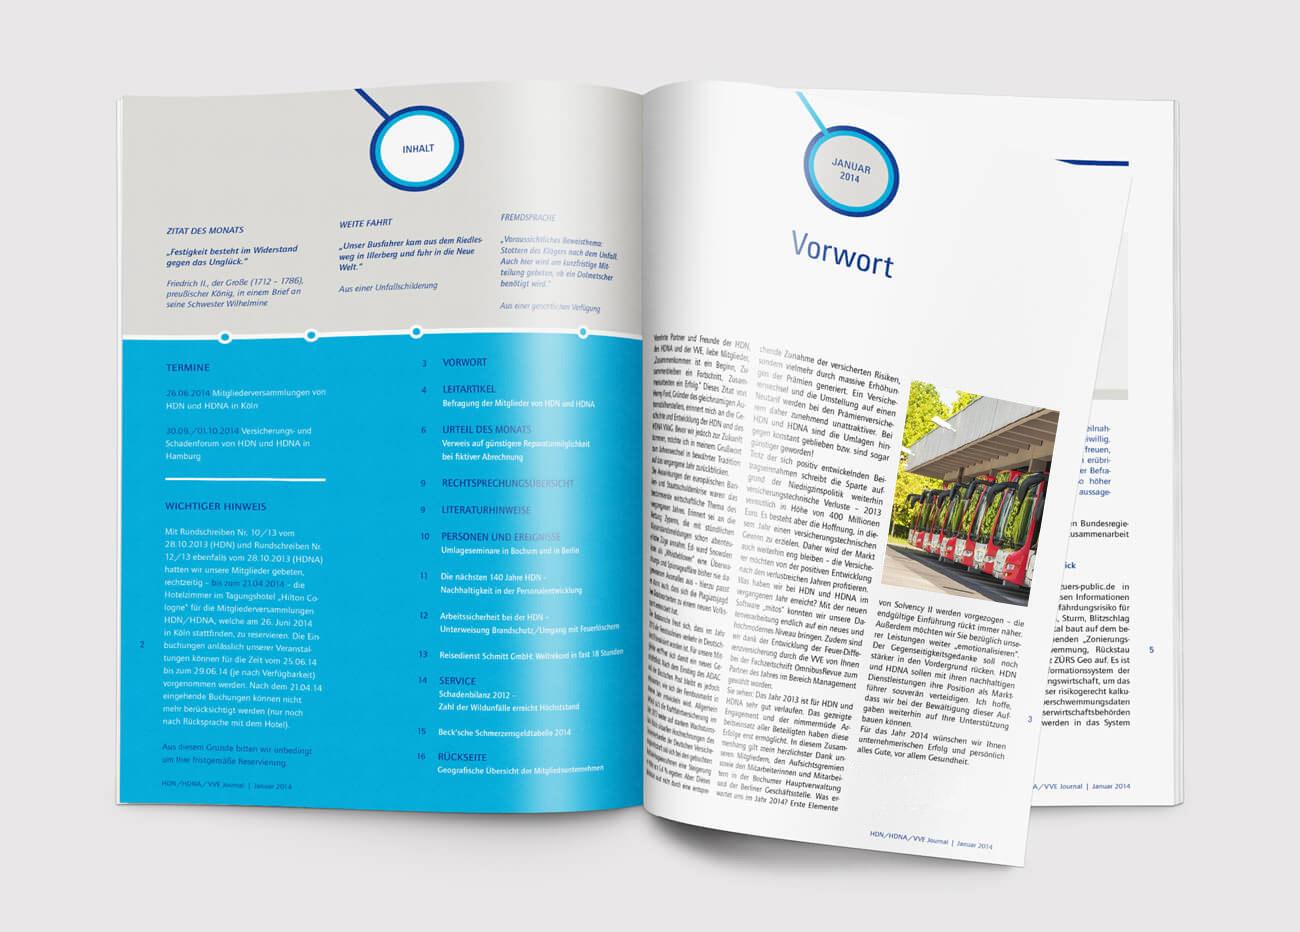 HDN/HDNA/VVE Versicherungen Bochum Magazin Innenseiten